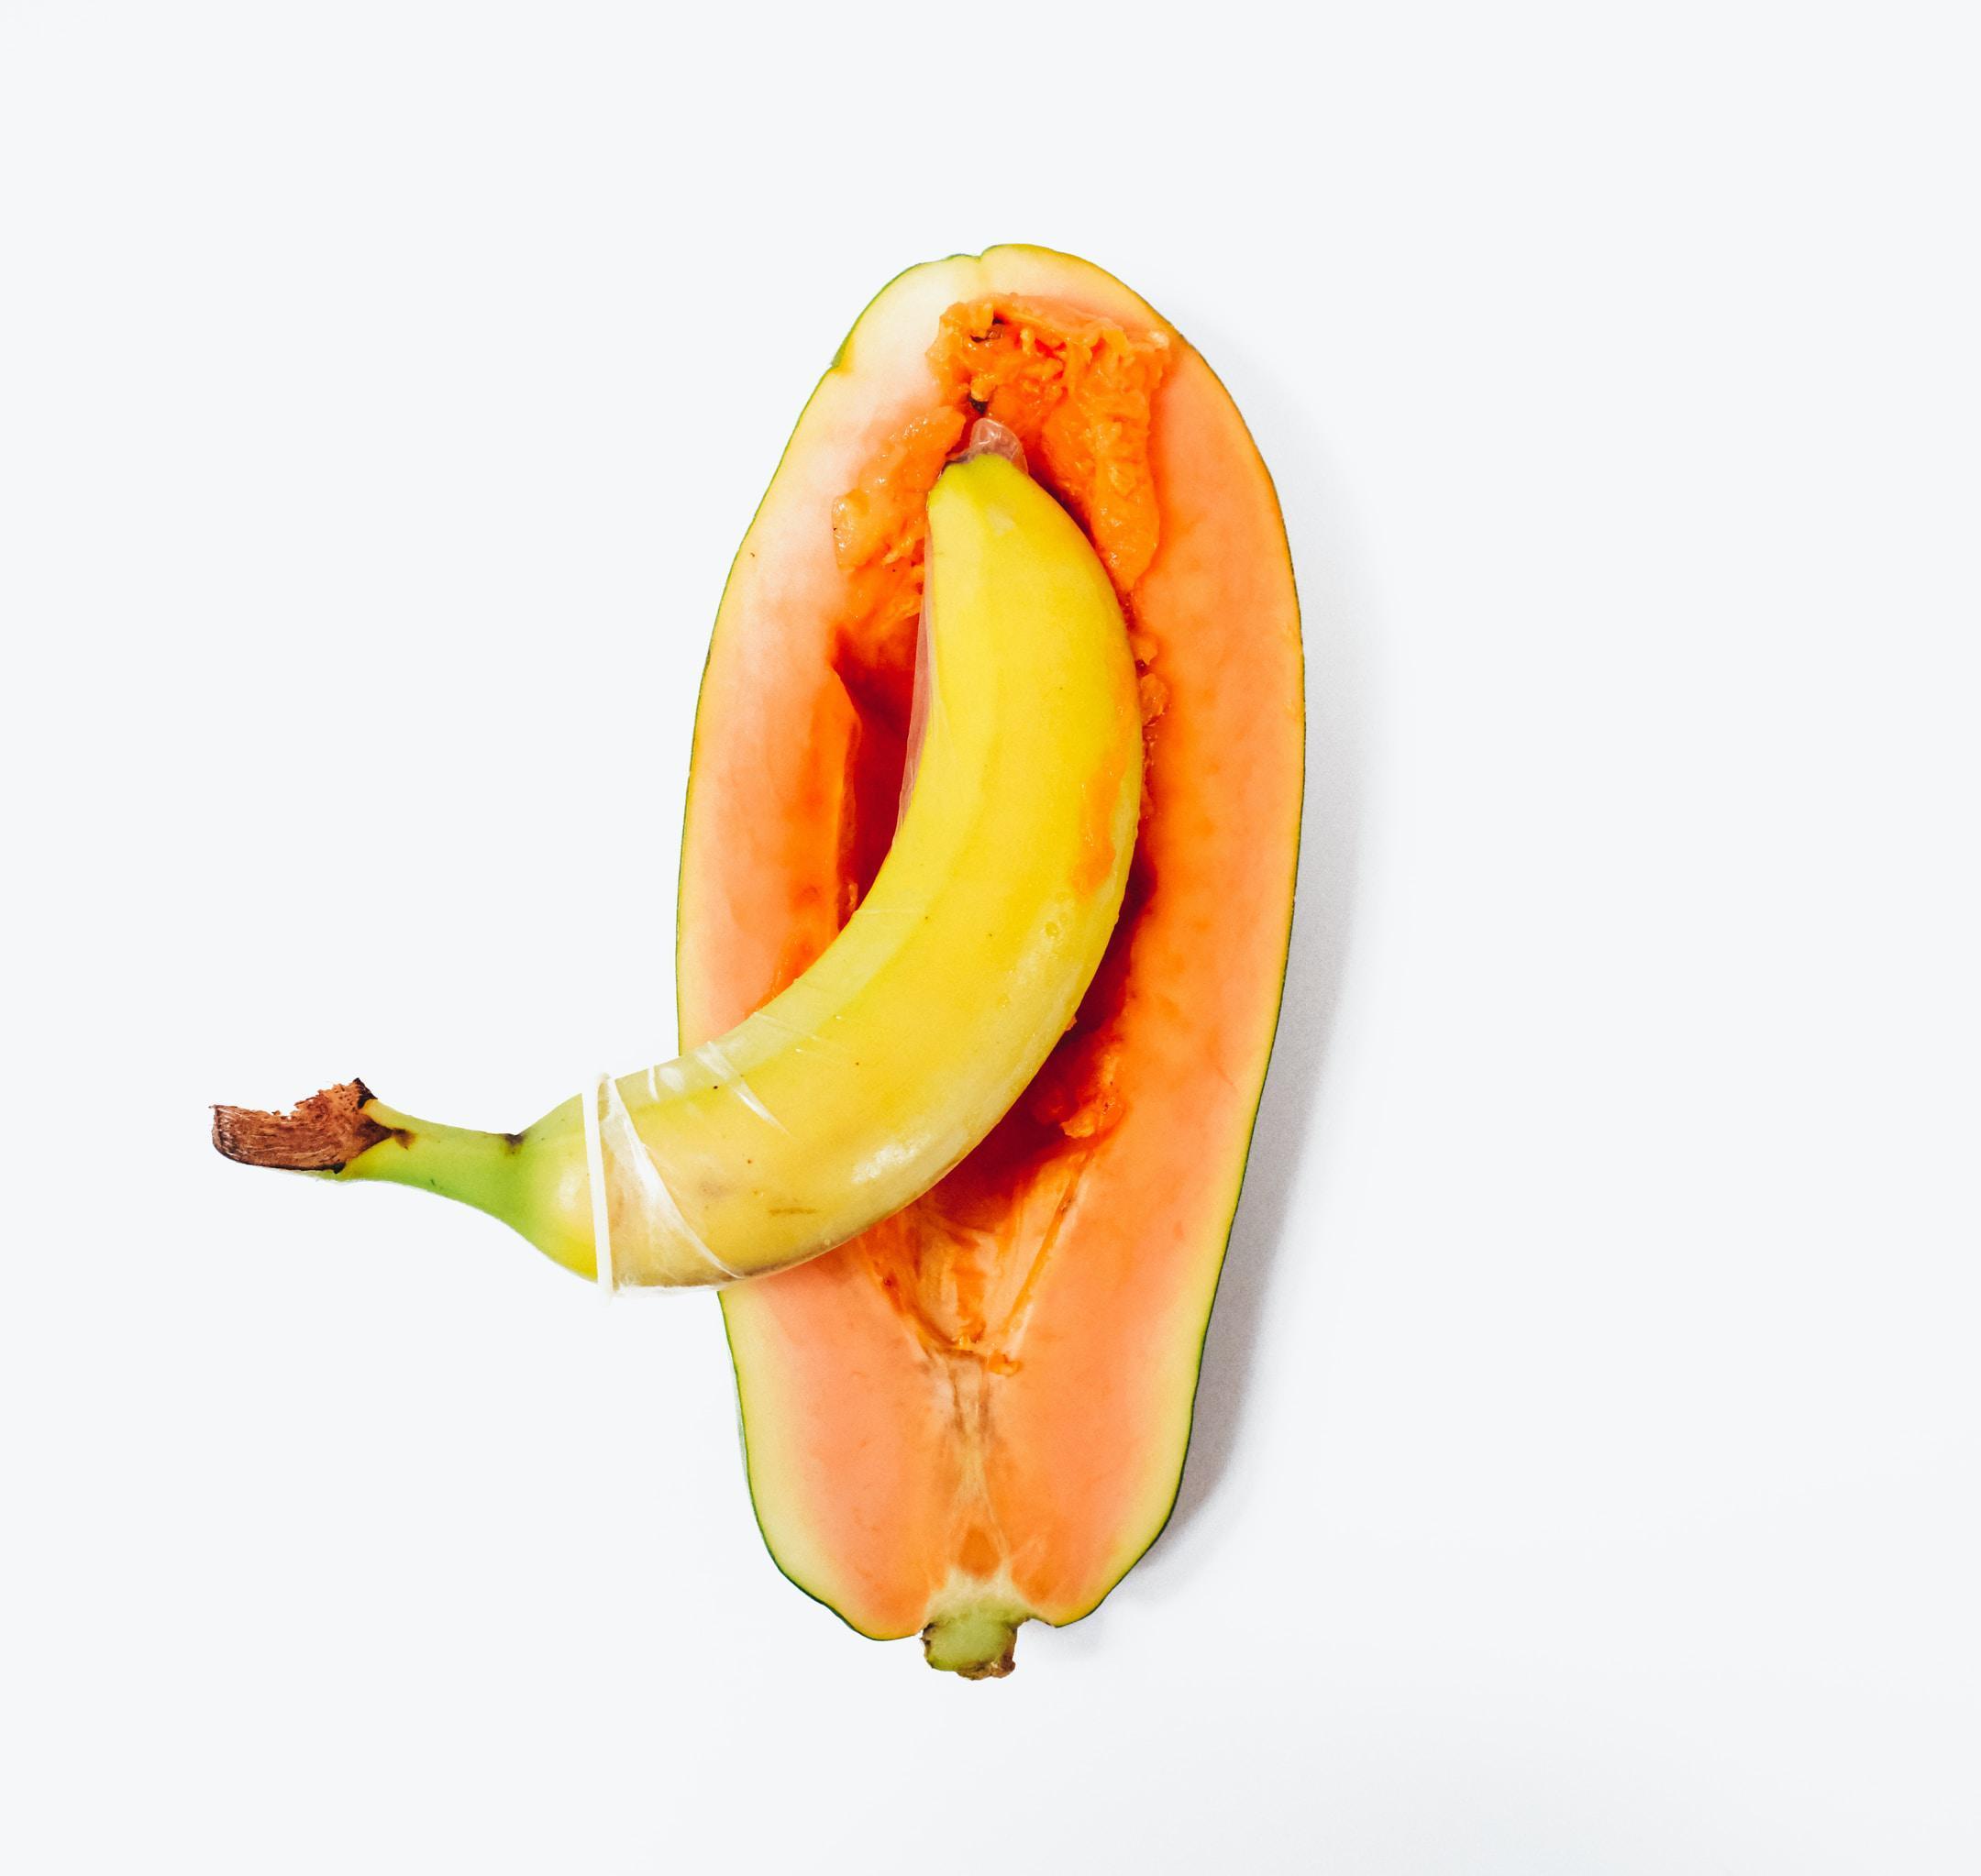 Sex Education: Banana and Papaya